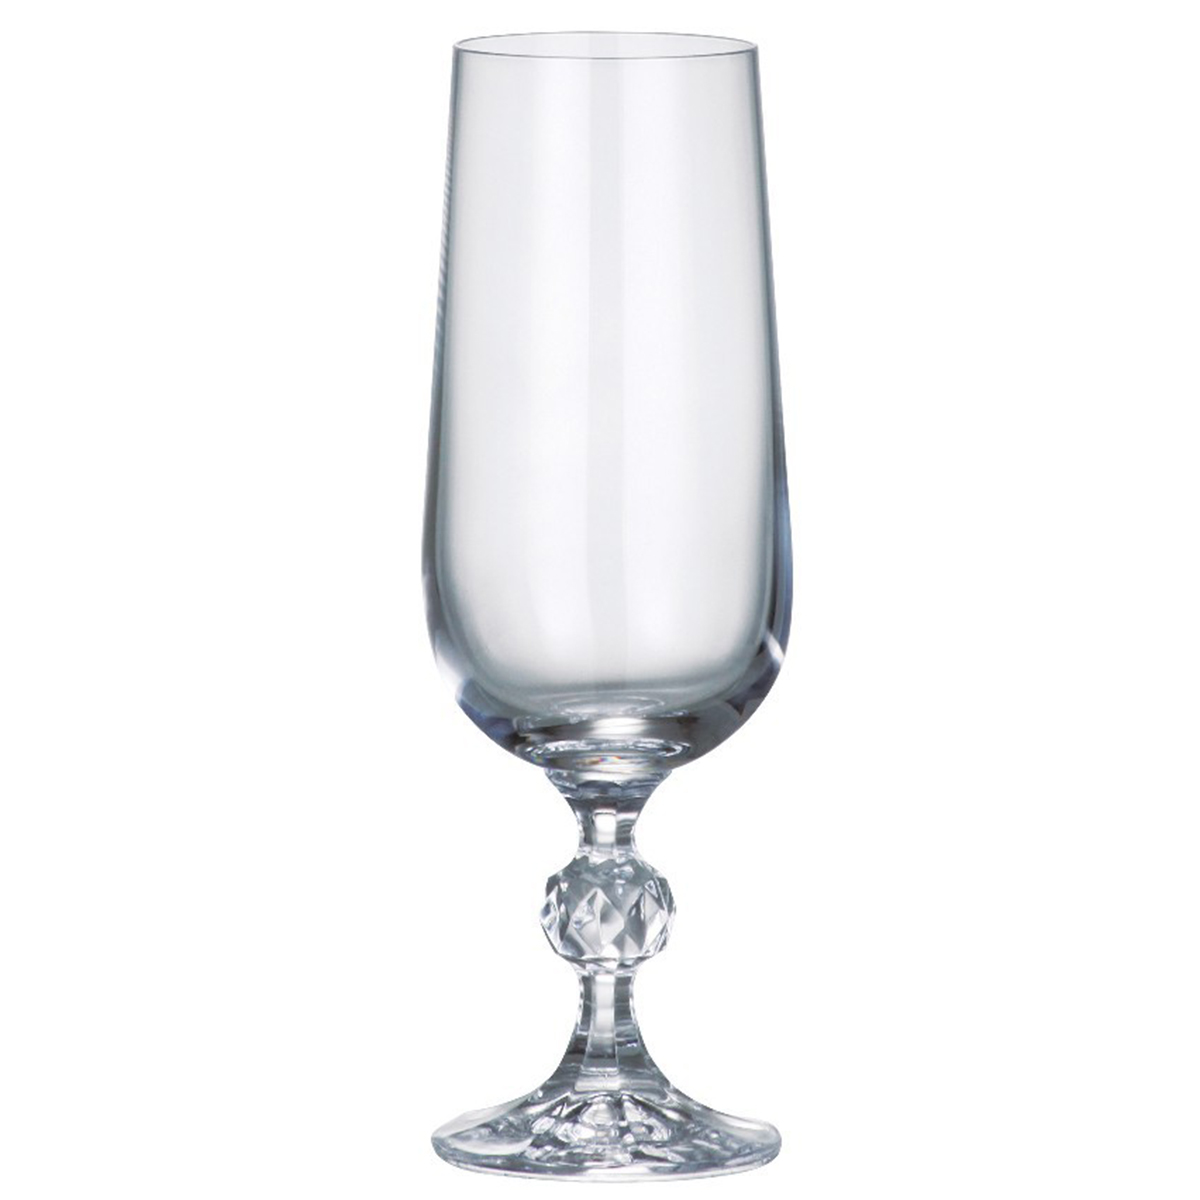 """Набор бокалов для шампанского Bohemia Crystal коллекции """"Клаудия"""" изготовлен из хрустального высококачественного богемского стекла, славящегося своим высоким качеством. Эксклюзивная коллекция """"Клаудия"""" - это роскошная классика. Ножка выполнена с декоративным элементом в виде граненого шара. Набор станет отличным выбором для богатой сервировки стола. Объем бокала 180 мл. Количество в упаковке 6 шт."""